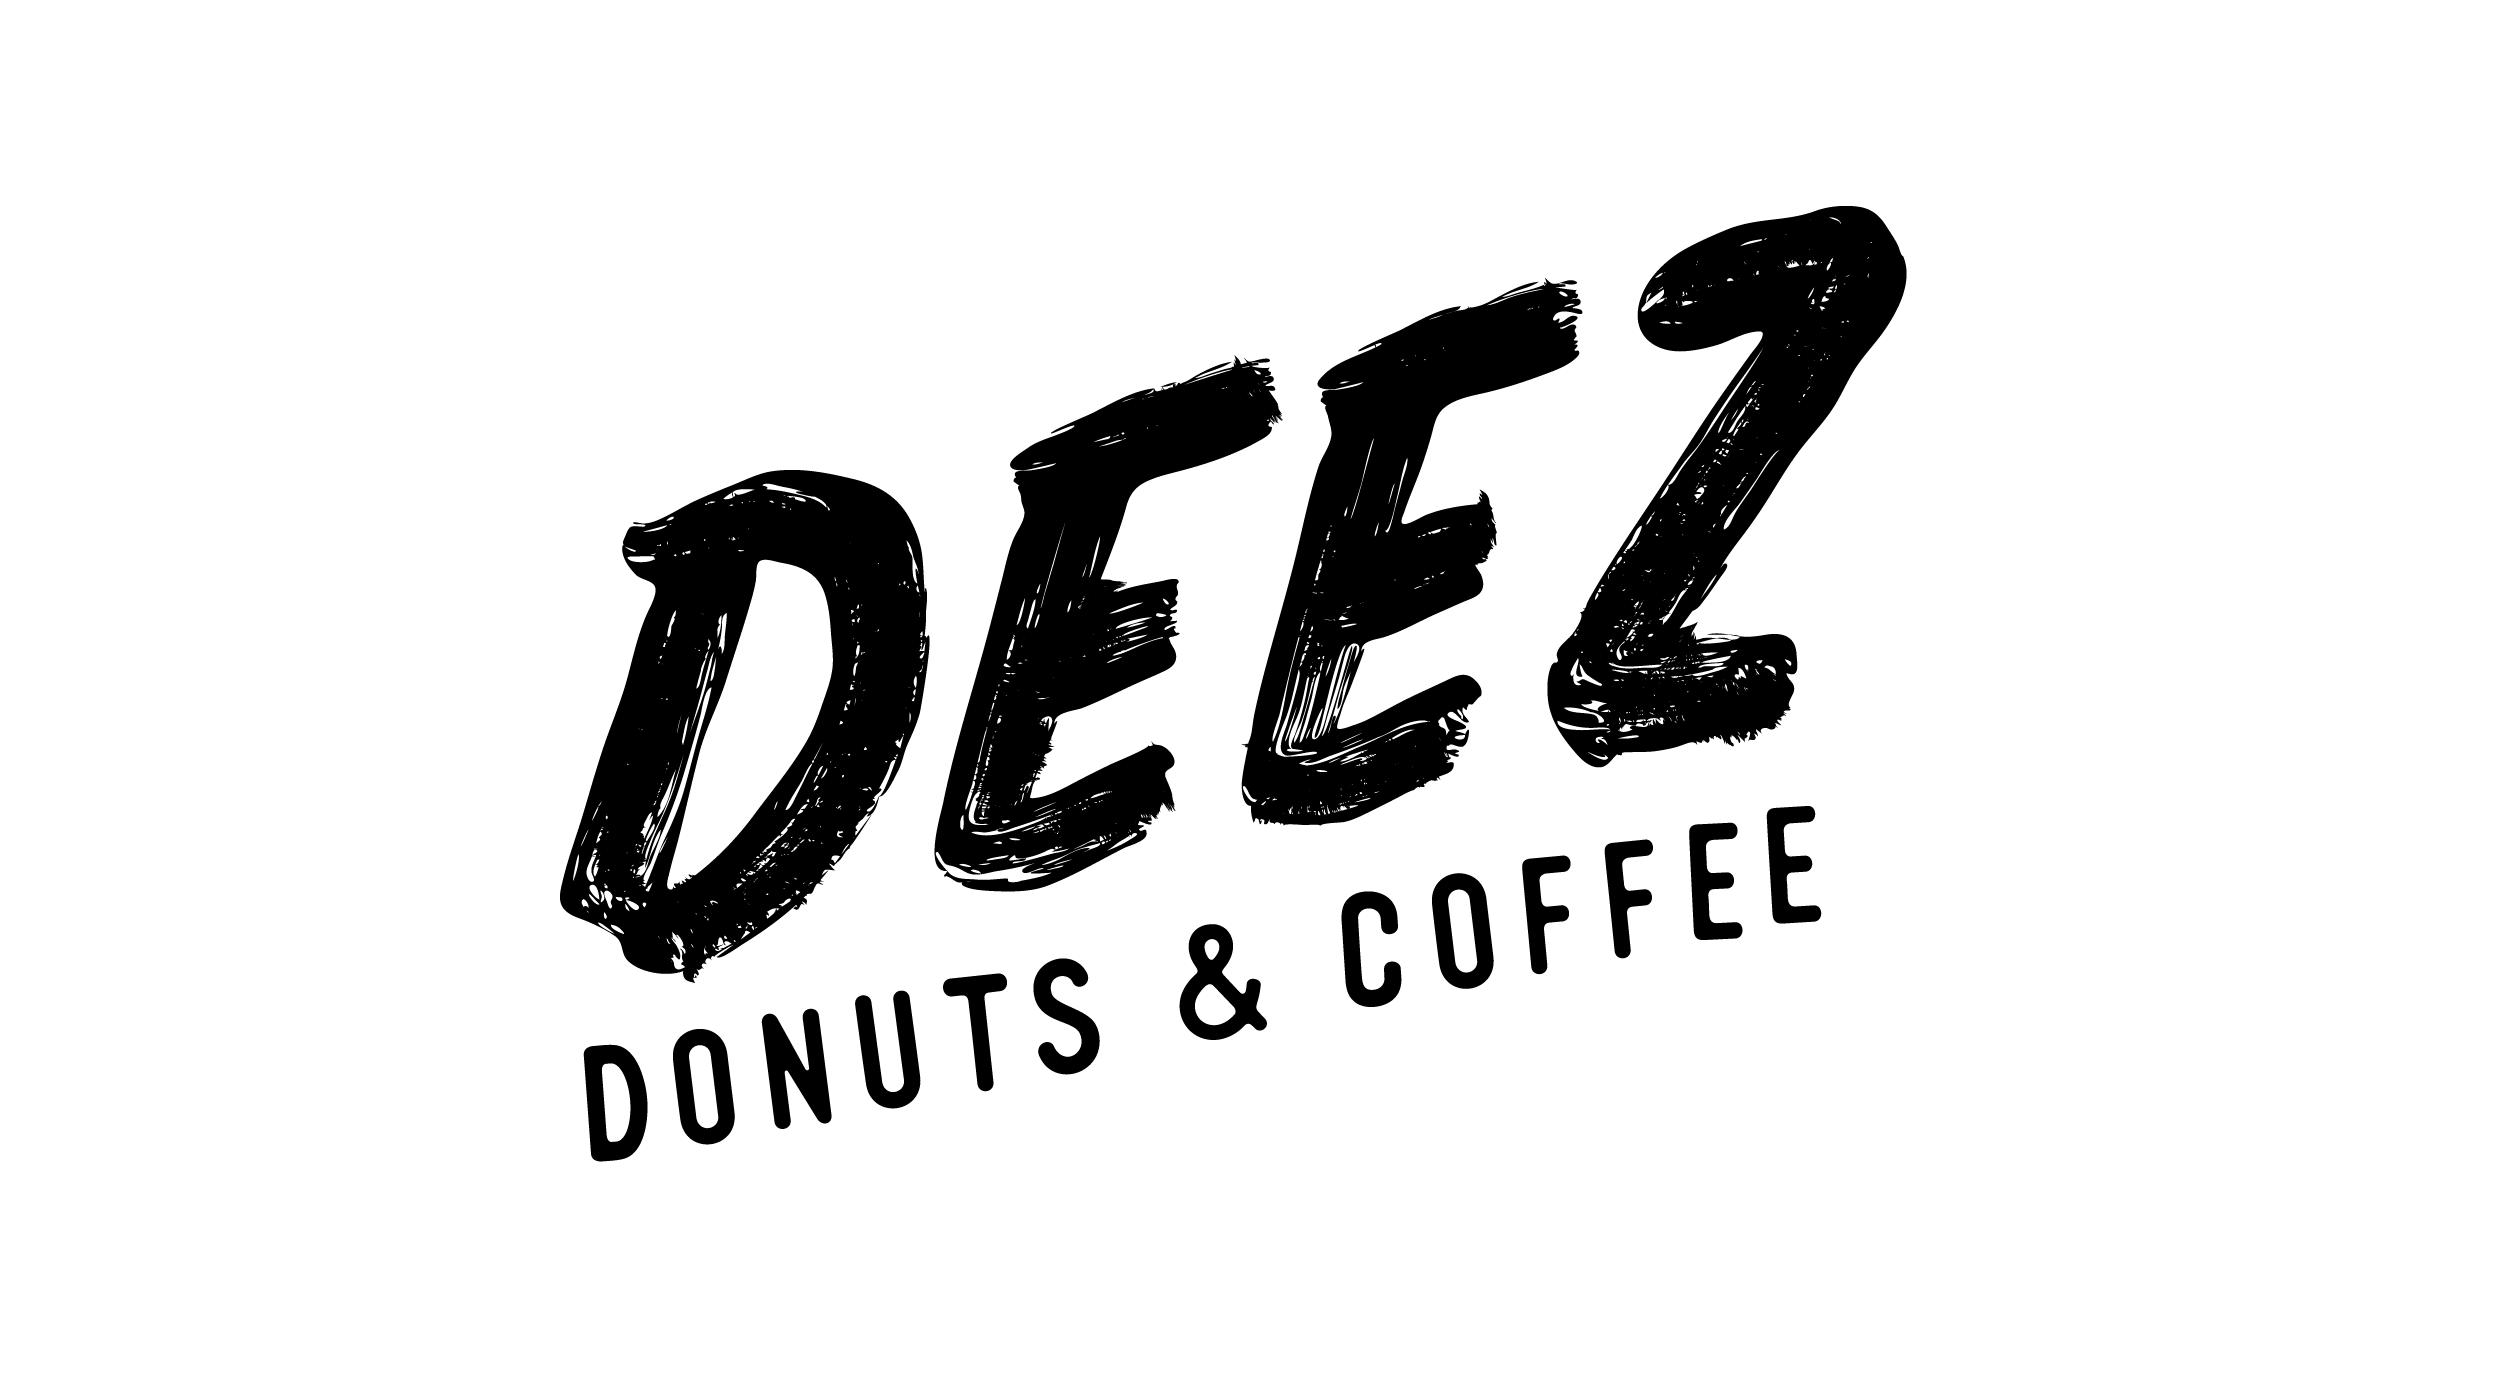 1_Deez_Logo_Black_2500W-02.png